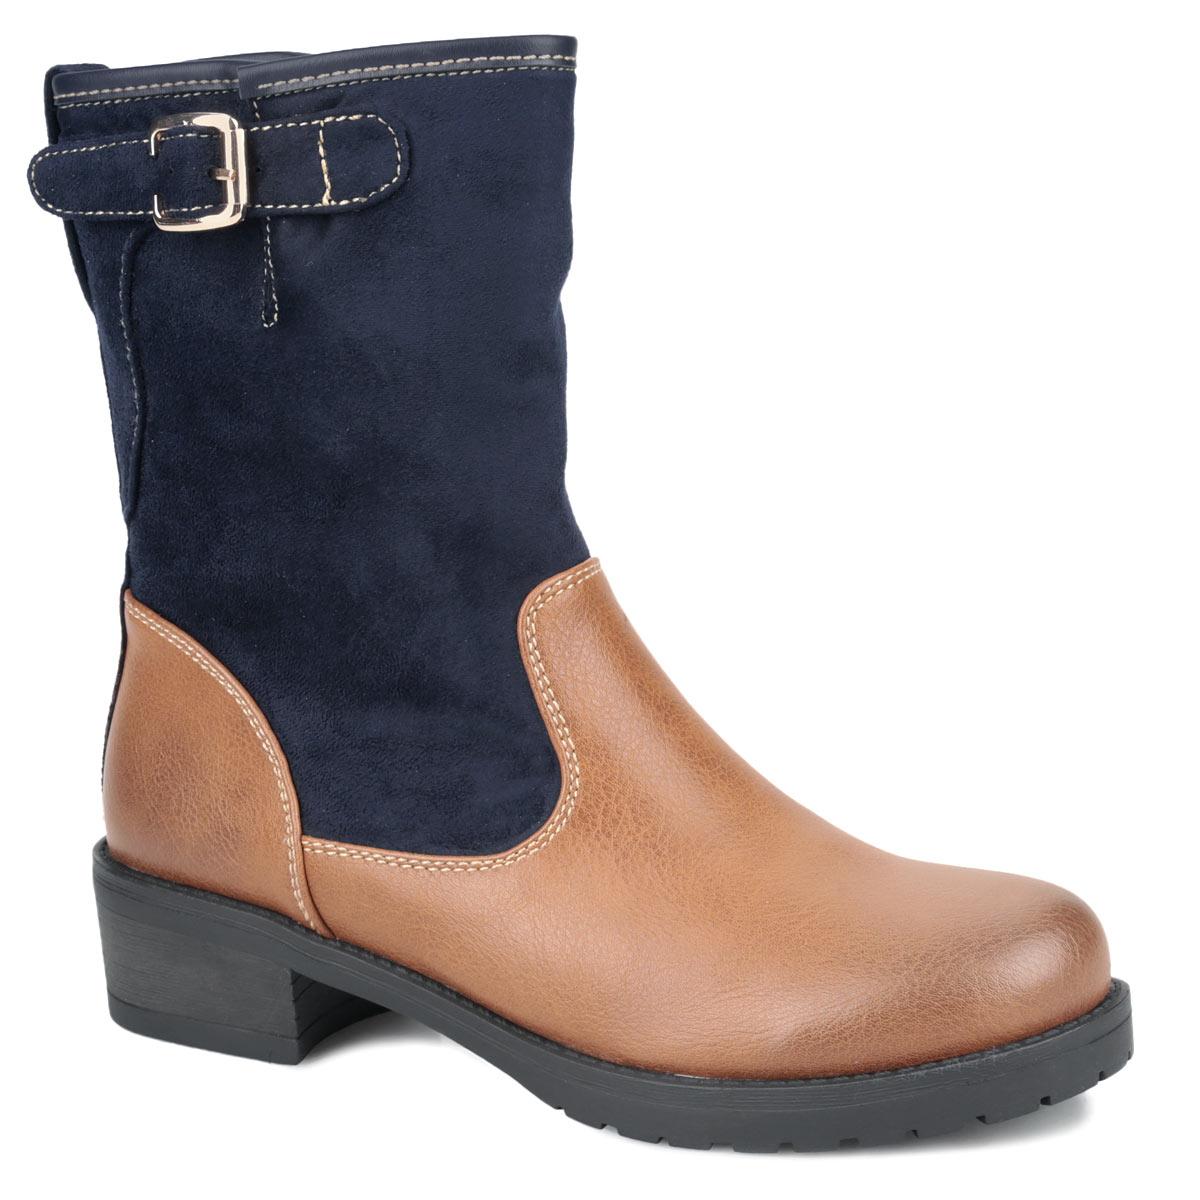 42-HX-01 SXОригинальные женские ботинки от Wilmar заинтересуют вас своим дизайном. Модель выполнена из искусственной кожи и искусственного велюра. Сбоку изделие оформлено вырезом и украшено декоративной пряжкой. Ботинки застегивается на боковую застежку-молнию. Подкладка и стелька из байки согреют ваши ноги в холодную погоду. Каблук умеренной высоты обеспечит модели устойчивость. Подошва с рифлением защищают изделие от скольжения. Эффектные ботинки подчеркнут ваш стиль и яркую индивидуальность. В них вы всегда будете чувствовать себя уютно и комфортно!